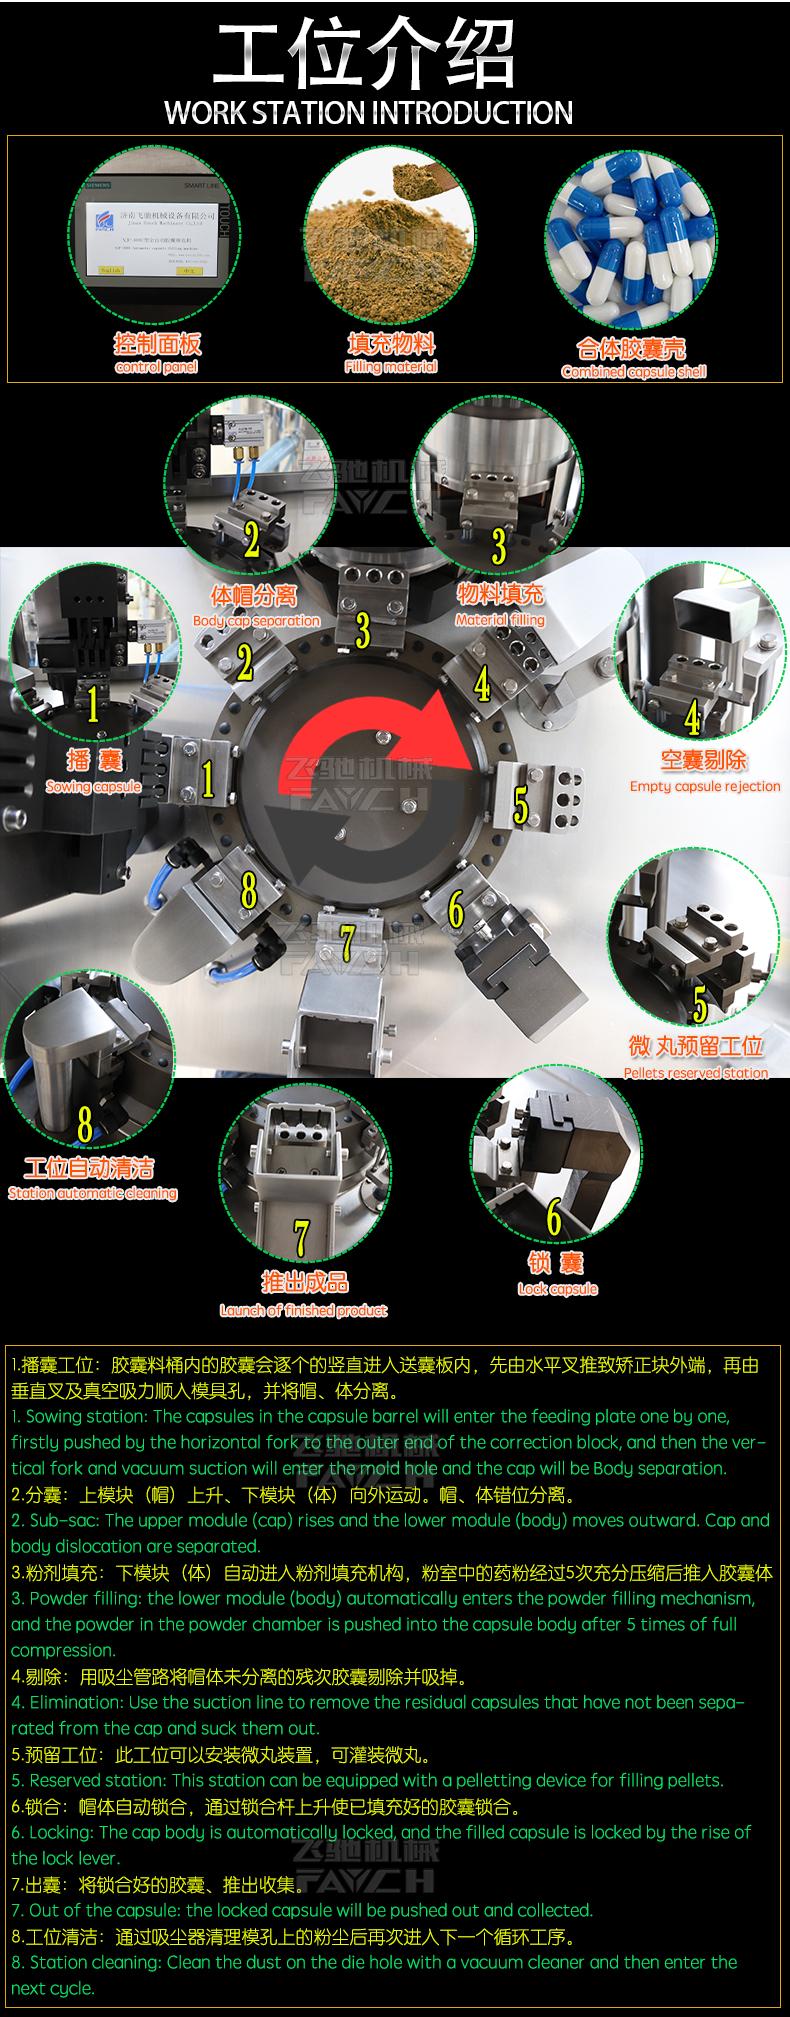 全自动胶囊填充机介绍_05